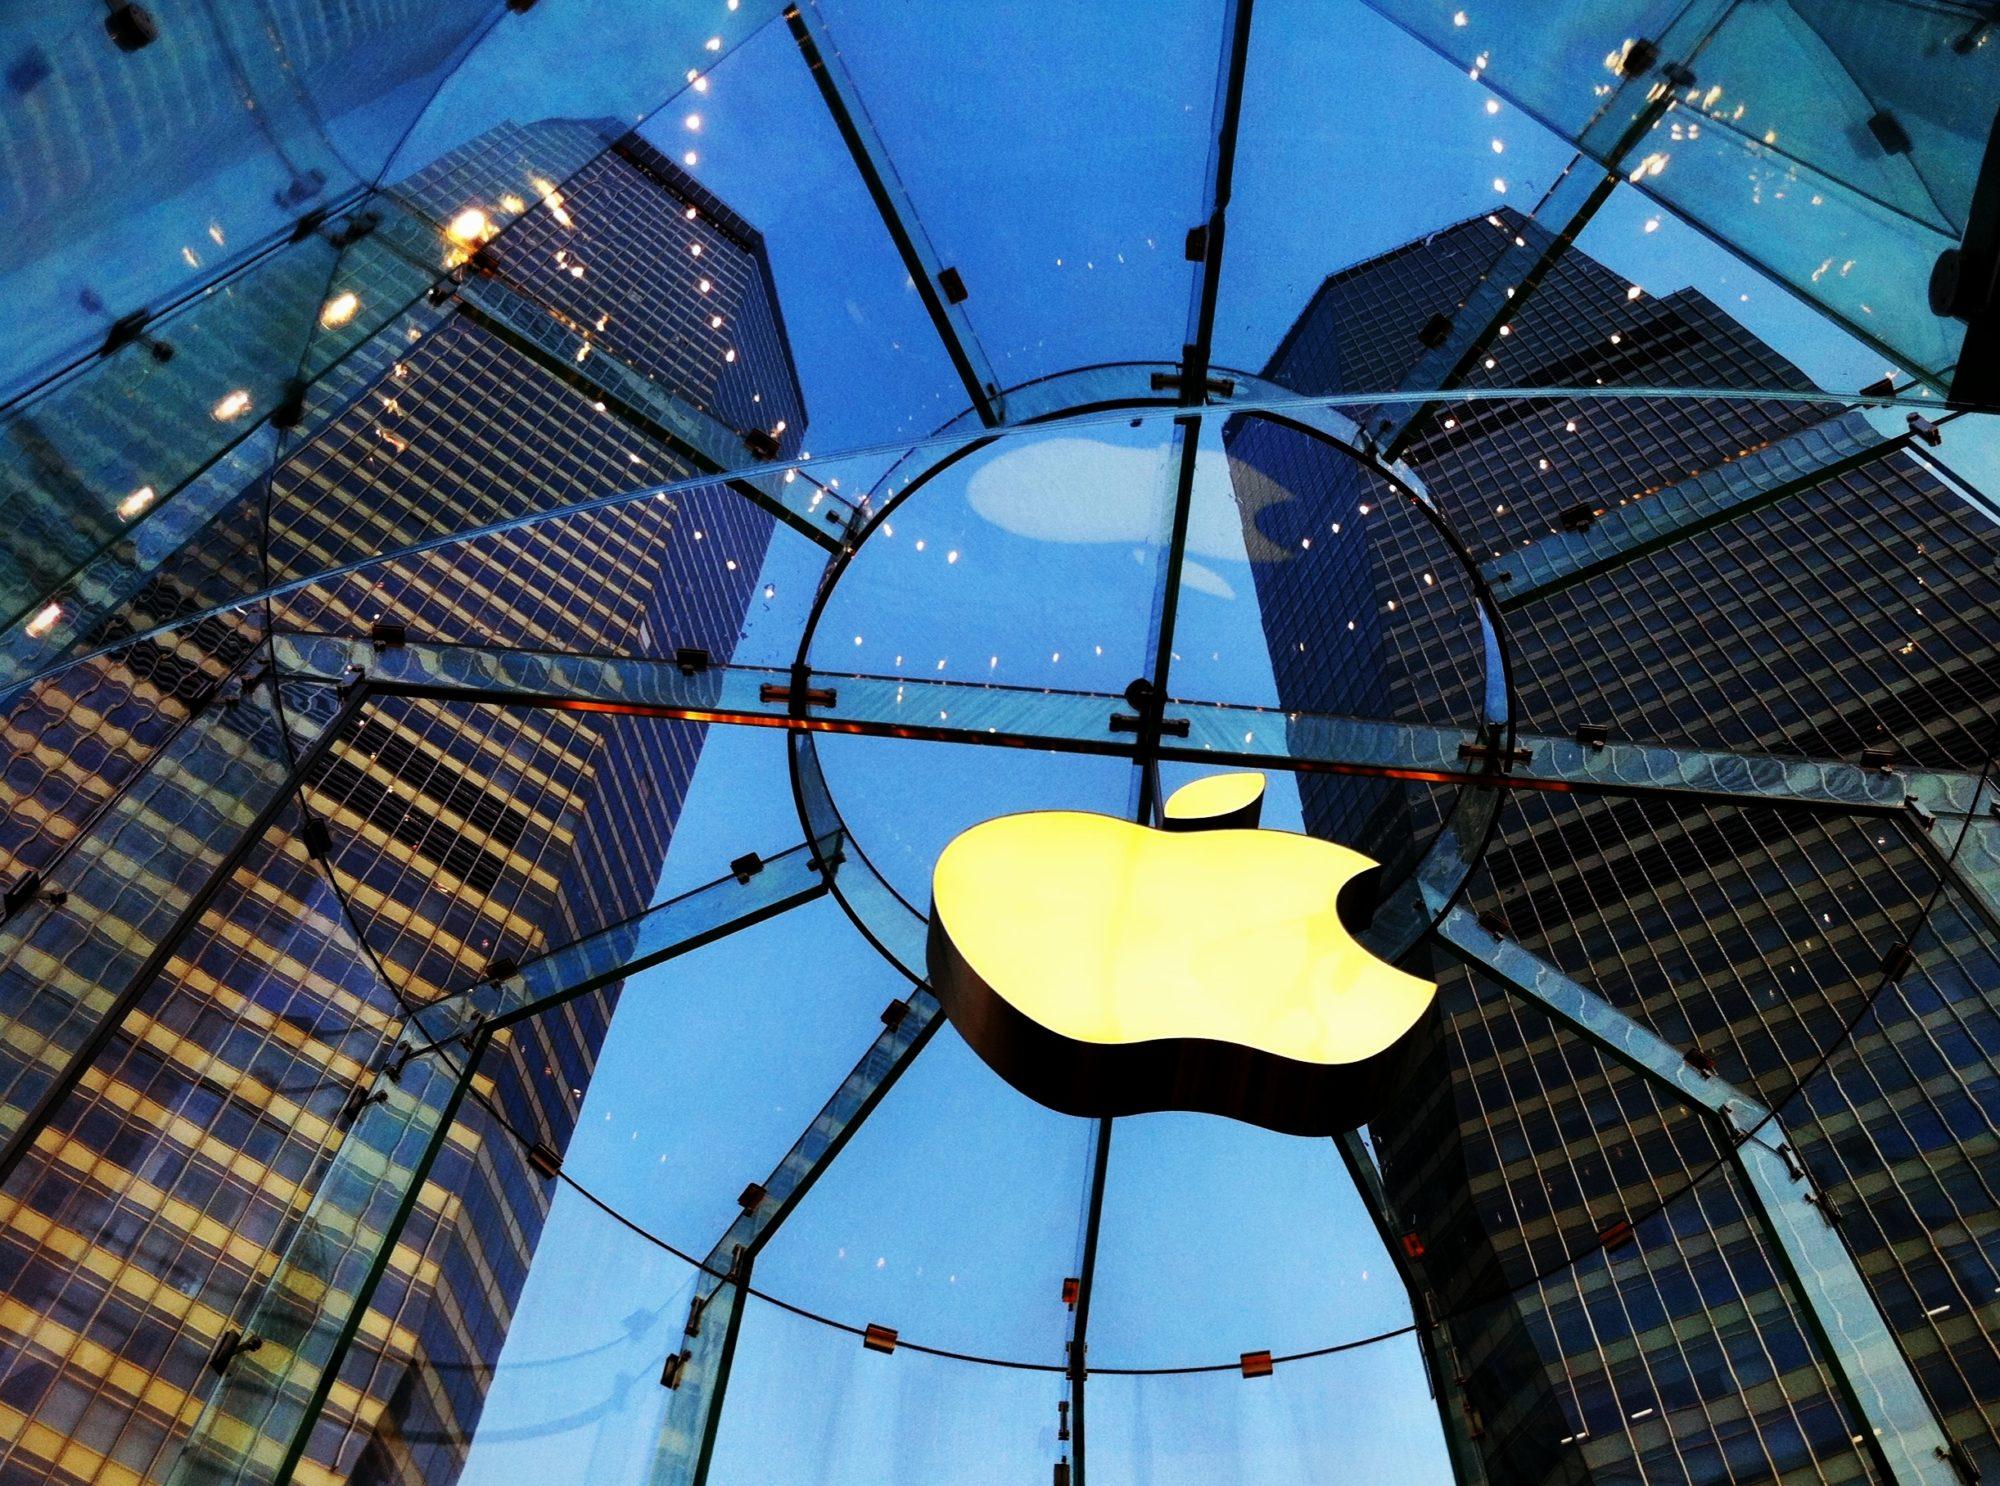 Apple contre-attaque Qualcomm avec une plainte pour violation de brevets